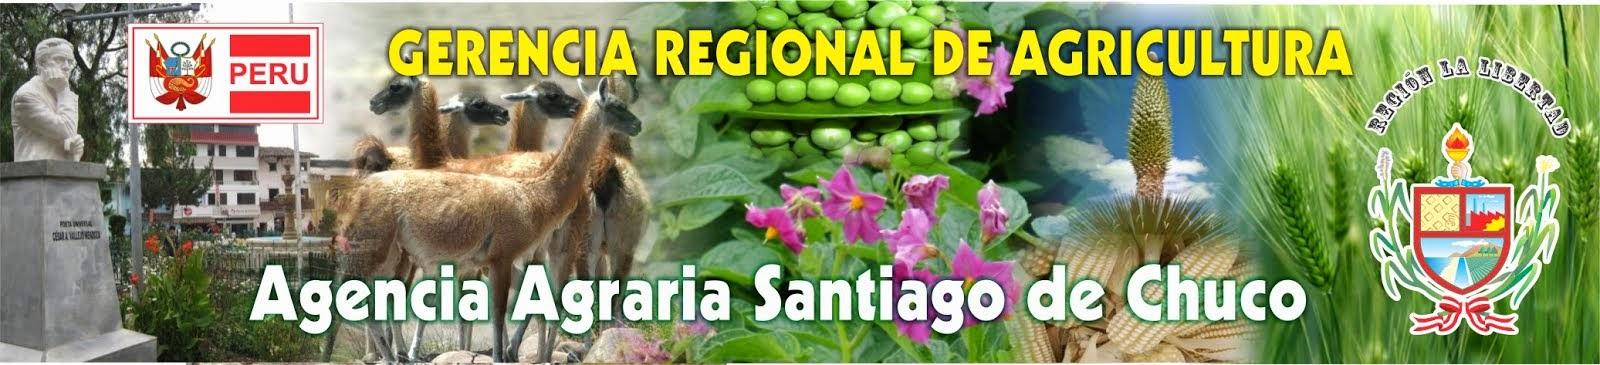 AGENCIA AGRARIA SANTIAGO DE CHUCO